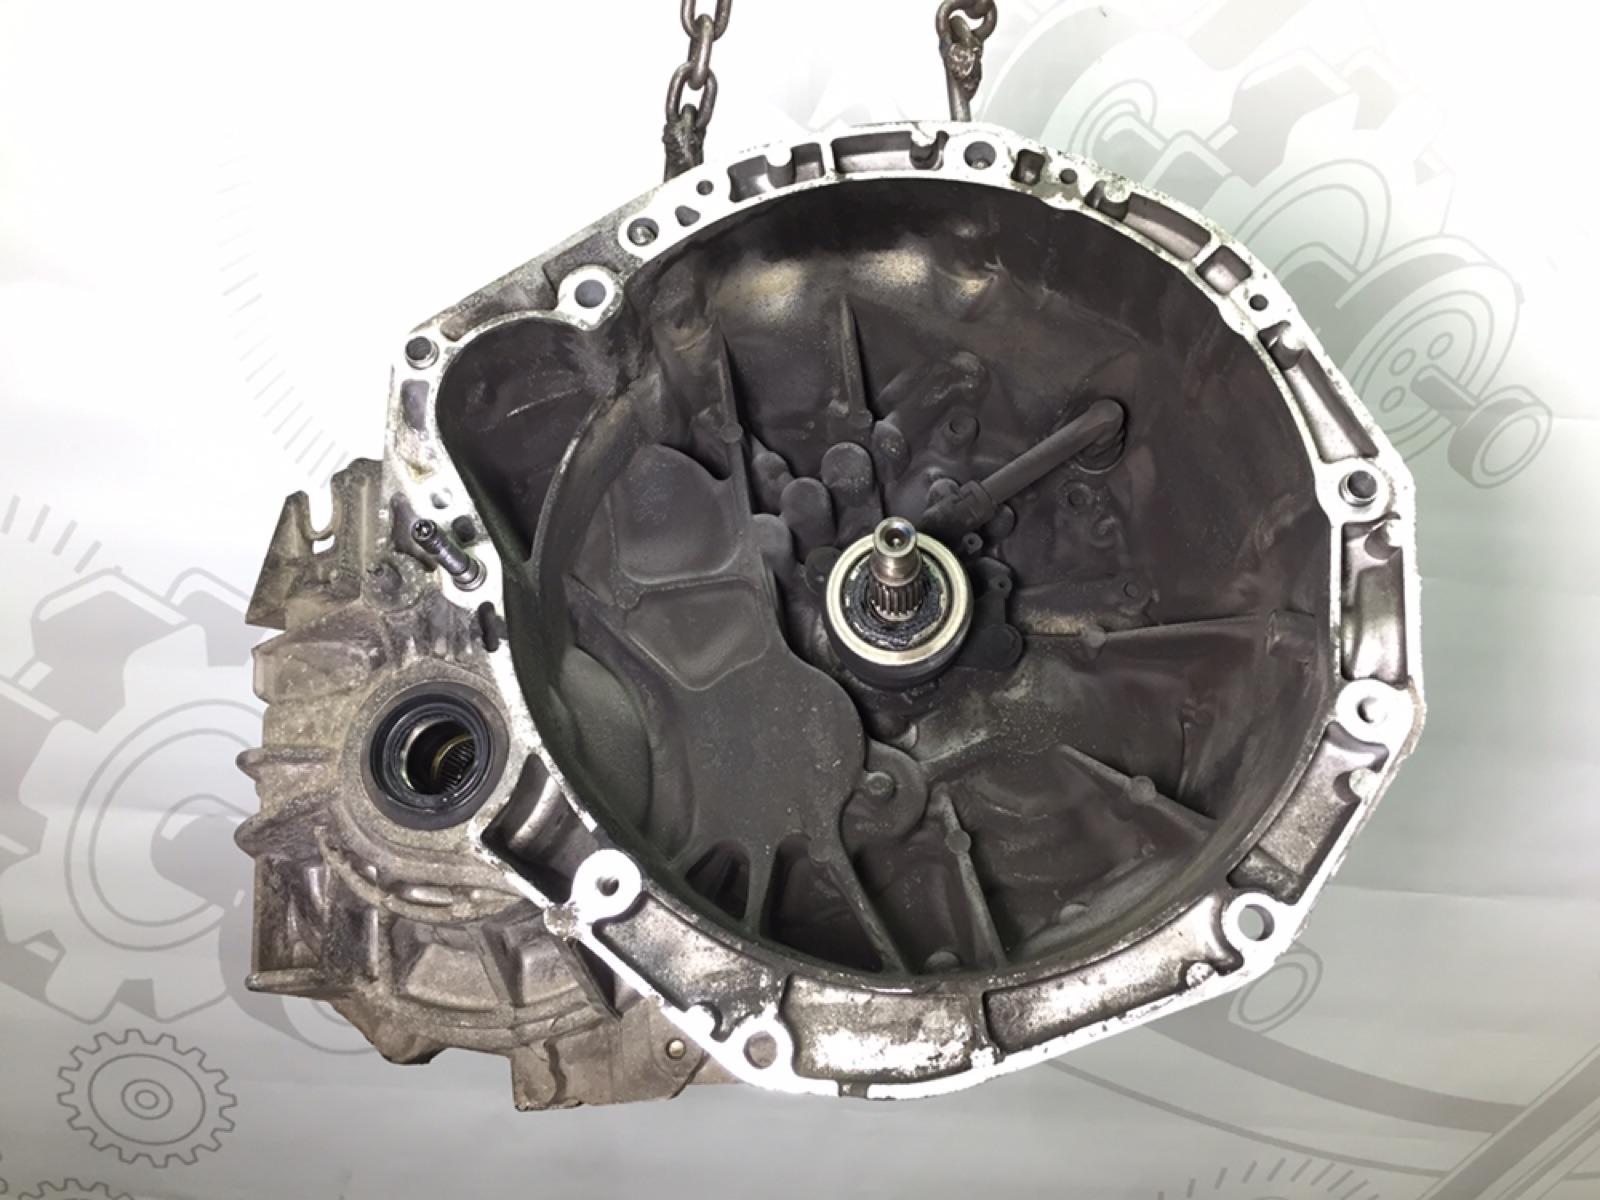 Кпп механическая (мкпп) Renault Grand Scenic 1.9 DCI 2009 (б/у)